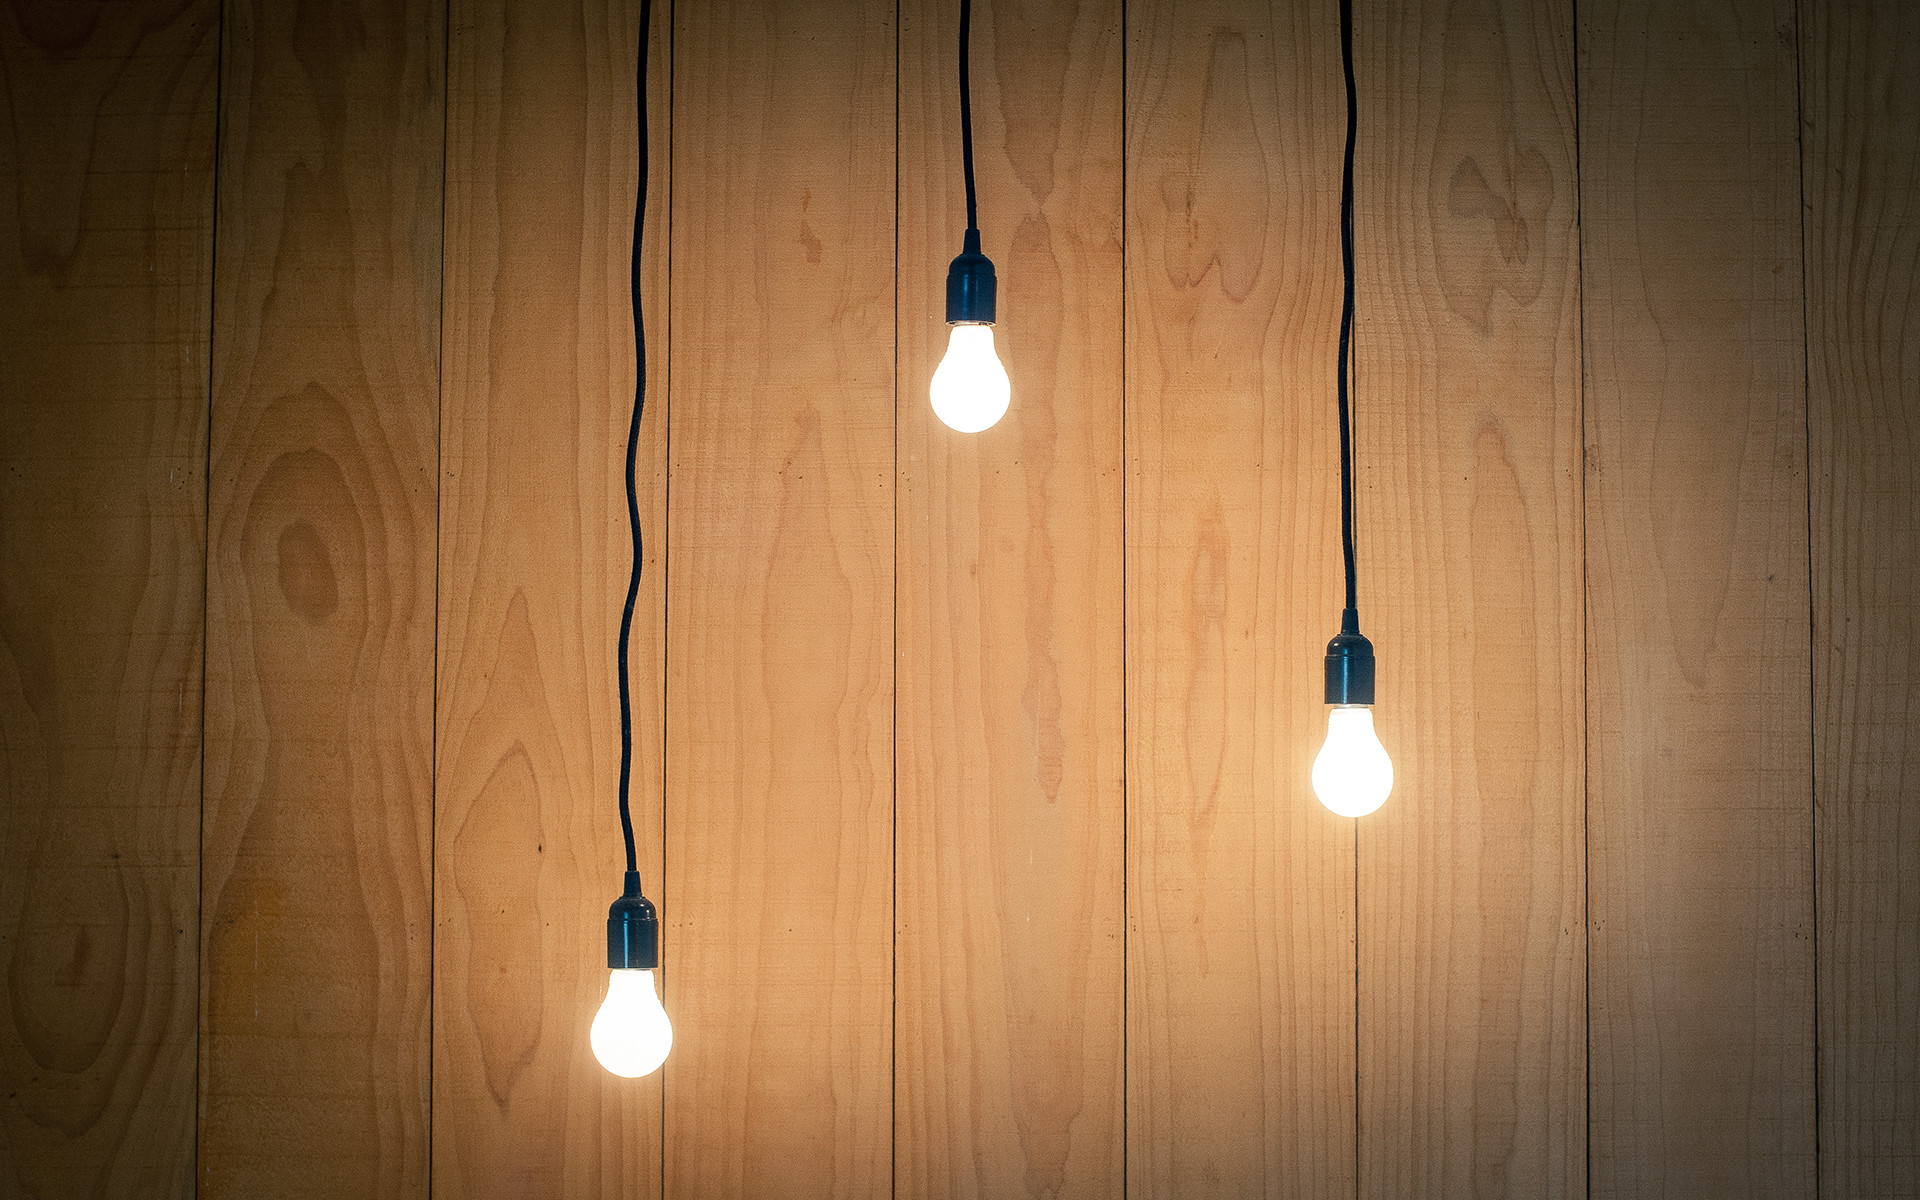 light bulb wallpapers 64 images. Black Bedroom Furniture Sets. Home Design Ideas